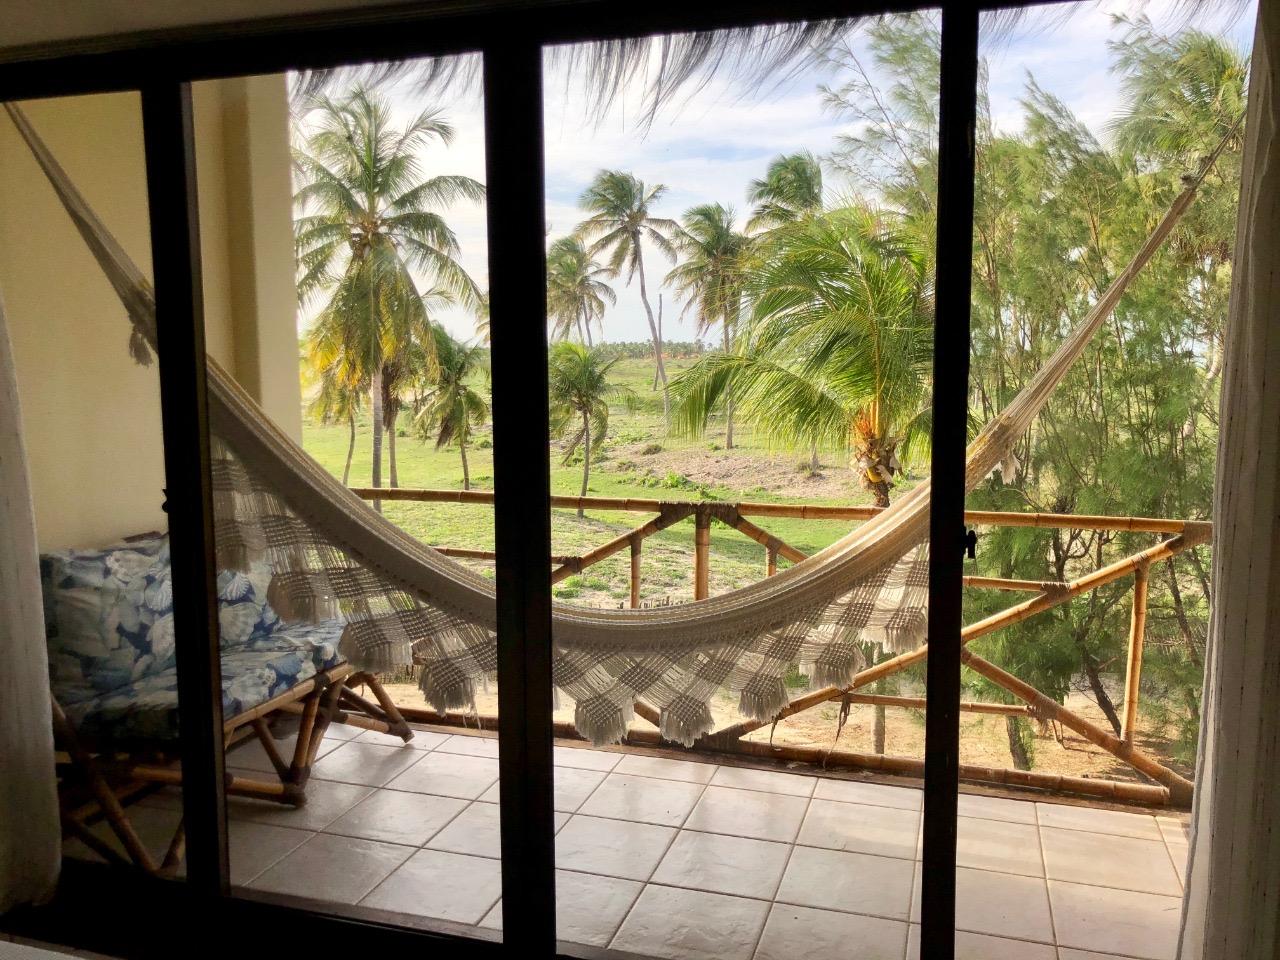 Todo o luxo da Praia de Tremembé em Icapuí! 2 Diárias em Apartamento Luxo Superior (semana) para 2 adultos e 1 criança  (de até 6 anos) com café da manhã por apenas R$399 no Hotel Casa do Mar